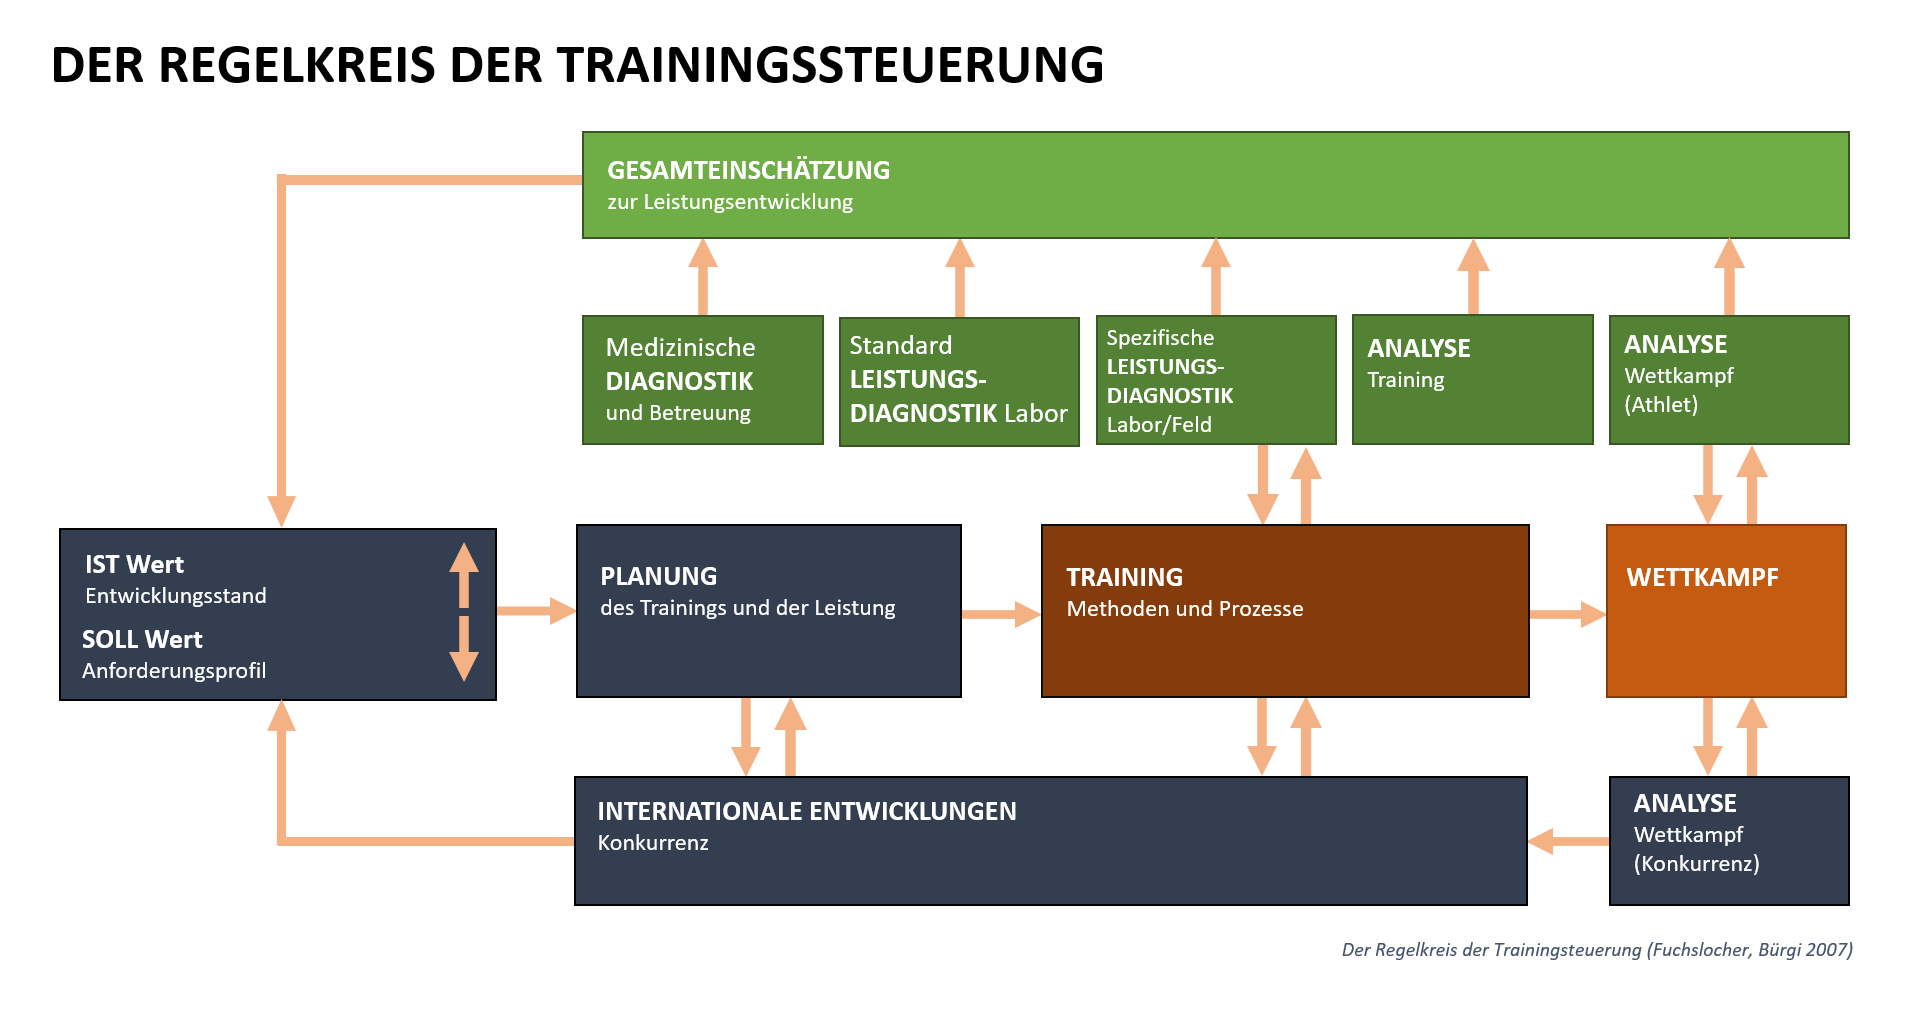 Grafik: Das Prozessmodell im Detail.